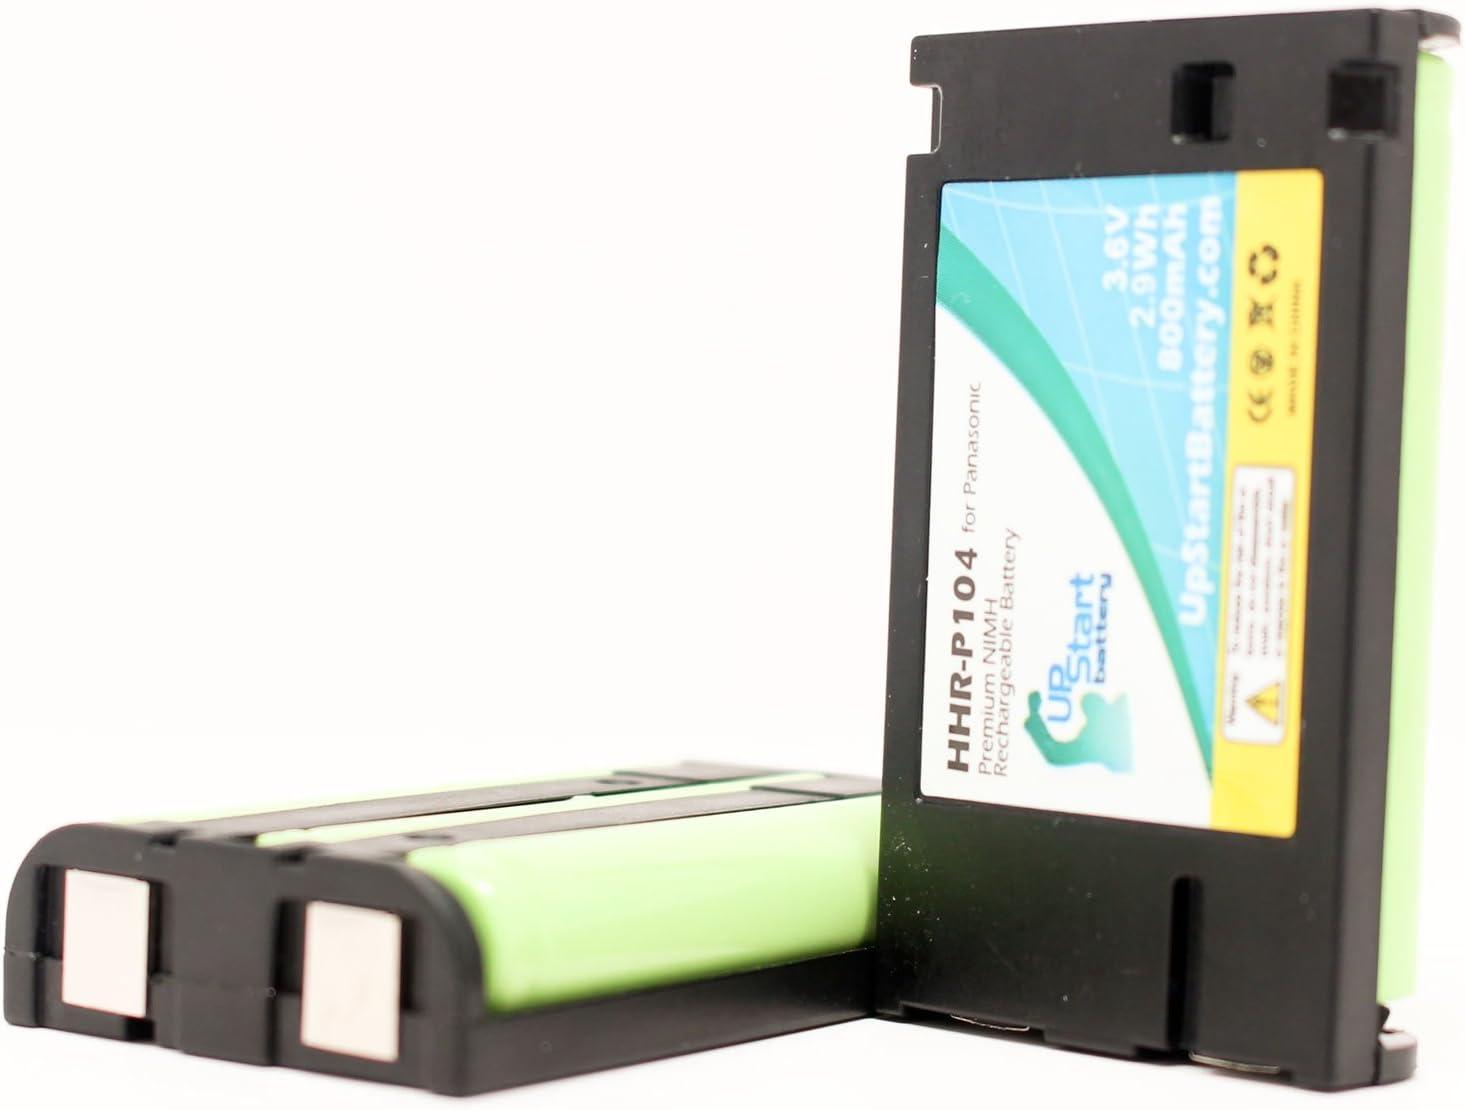 2x unidades–de repuesto para PANASONIC HHR-P104–Batería para Panasonic teléfono inalámbrico recargable (800mAh, 3,6V, Ni-MH)